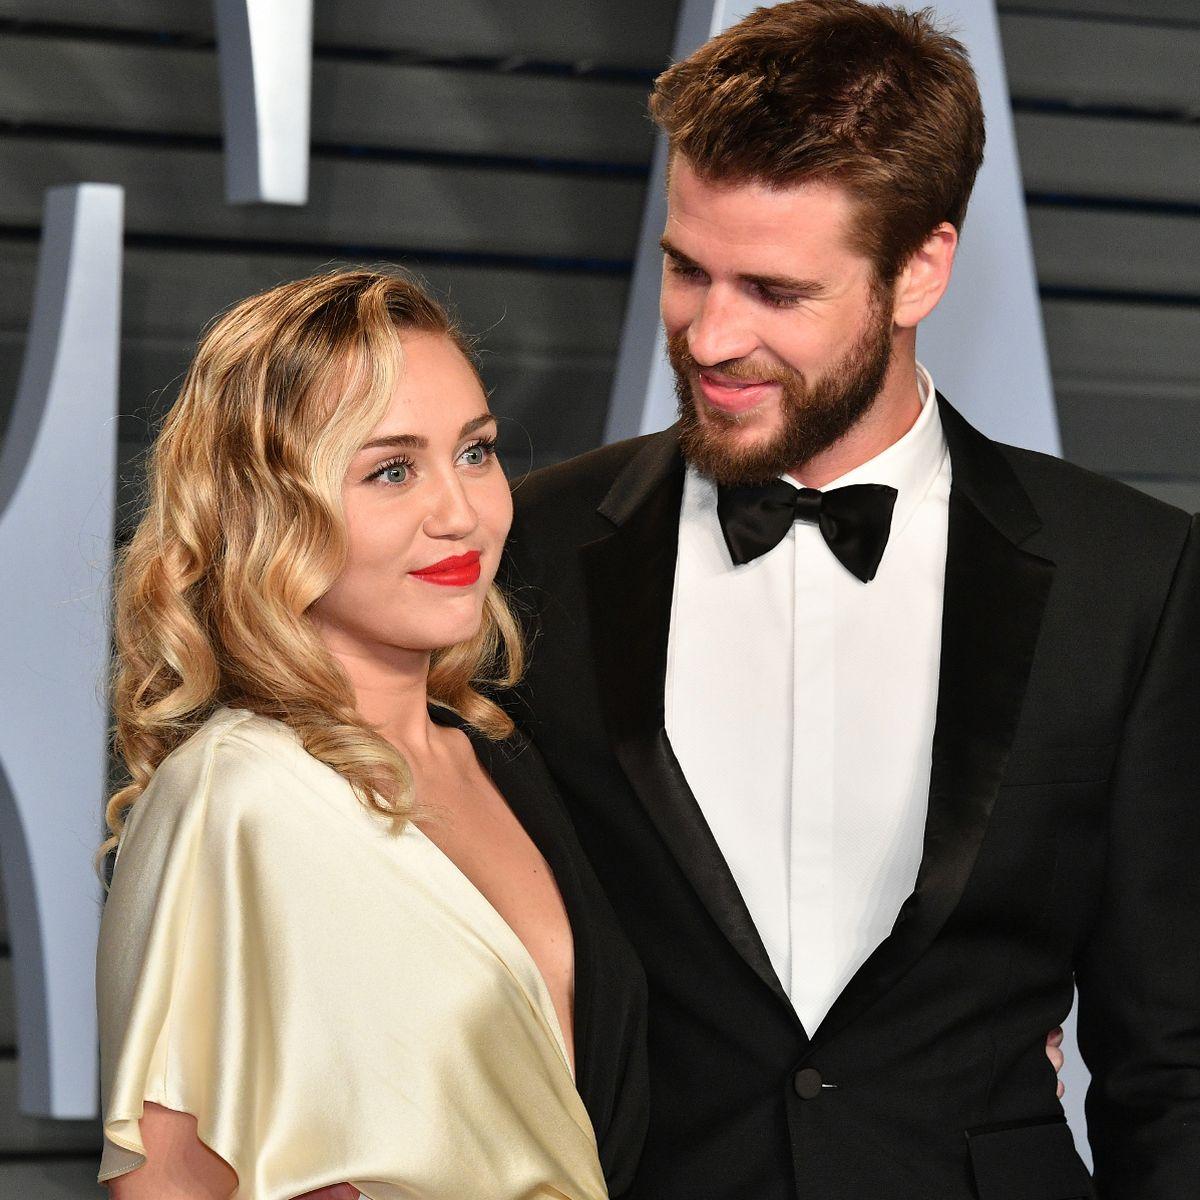 Bạn gái Liam Hemsworth diện bikini khoe body đẹp nức nở, nhưng dân tình lại réo tên Miley Cyrus vì 1 điểm tương đồng - Ảnh 13.